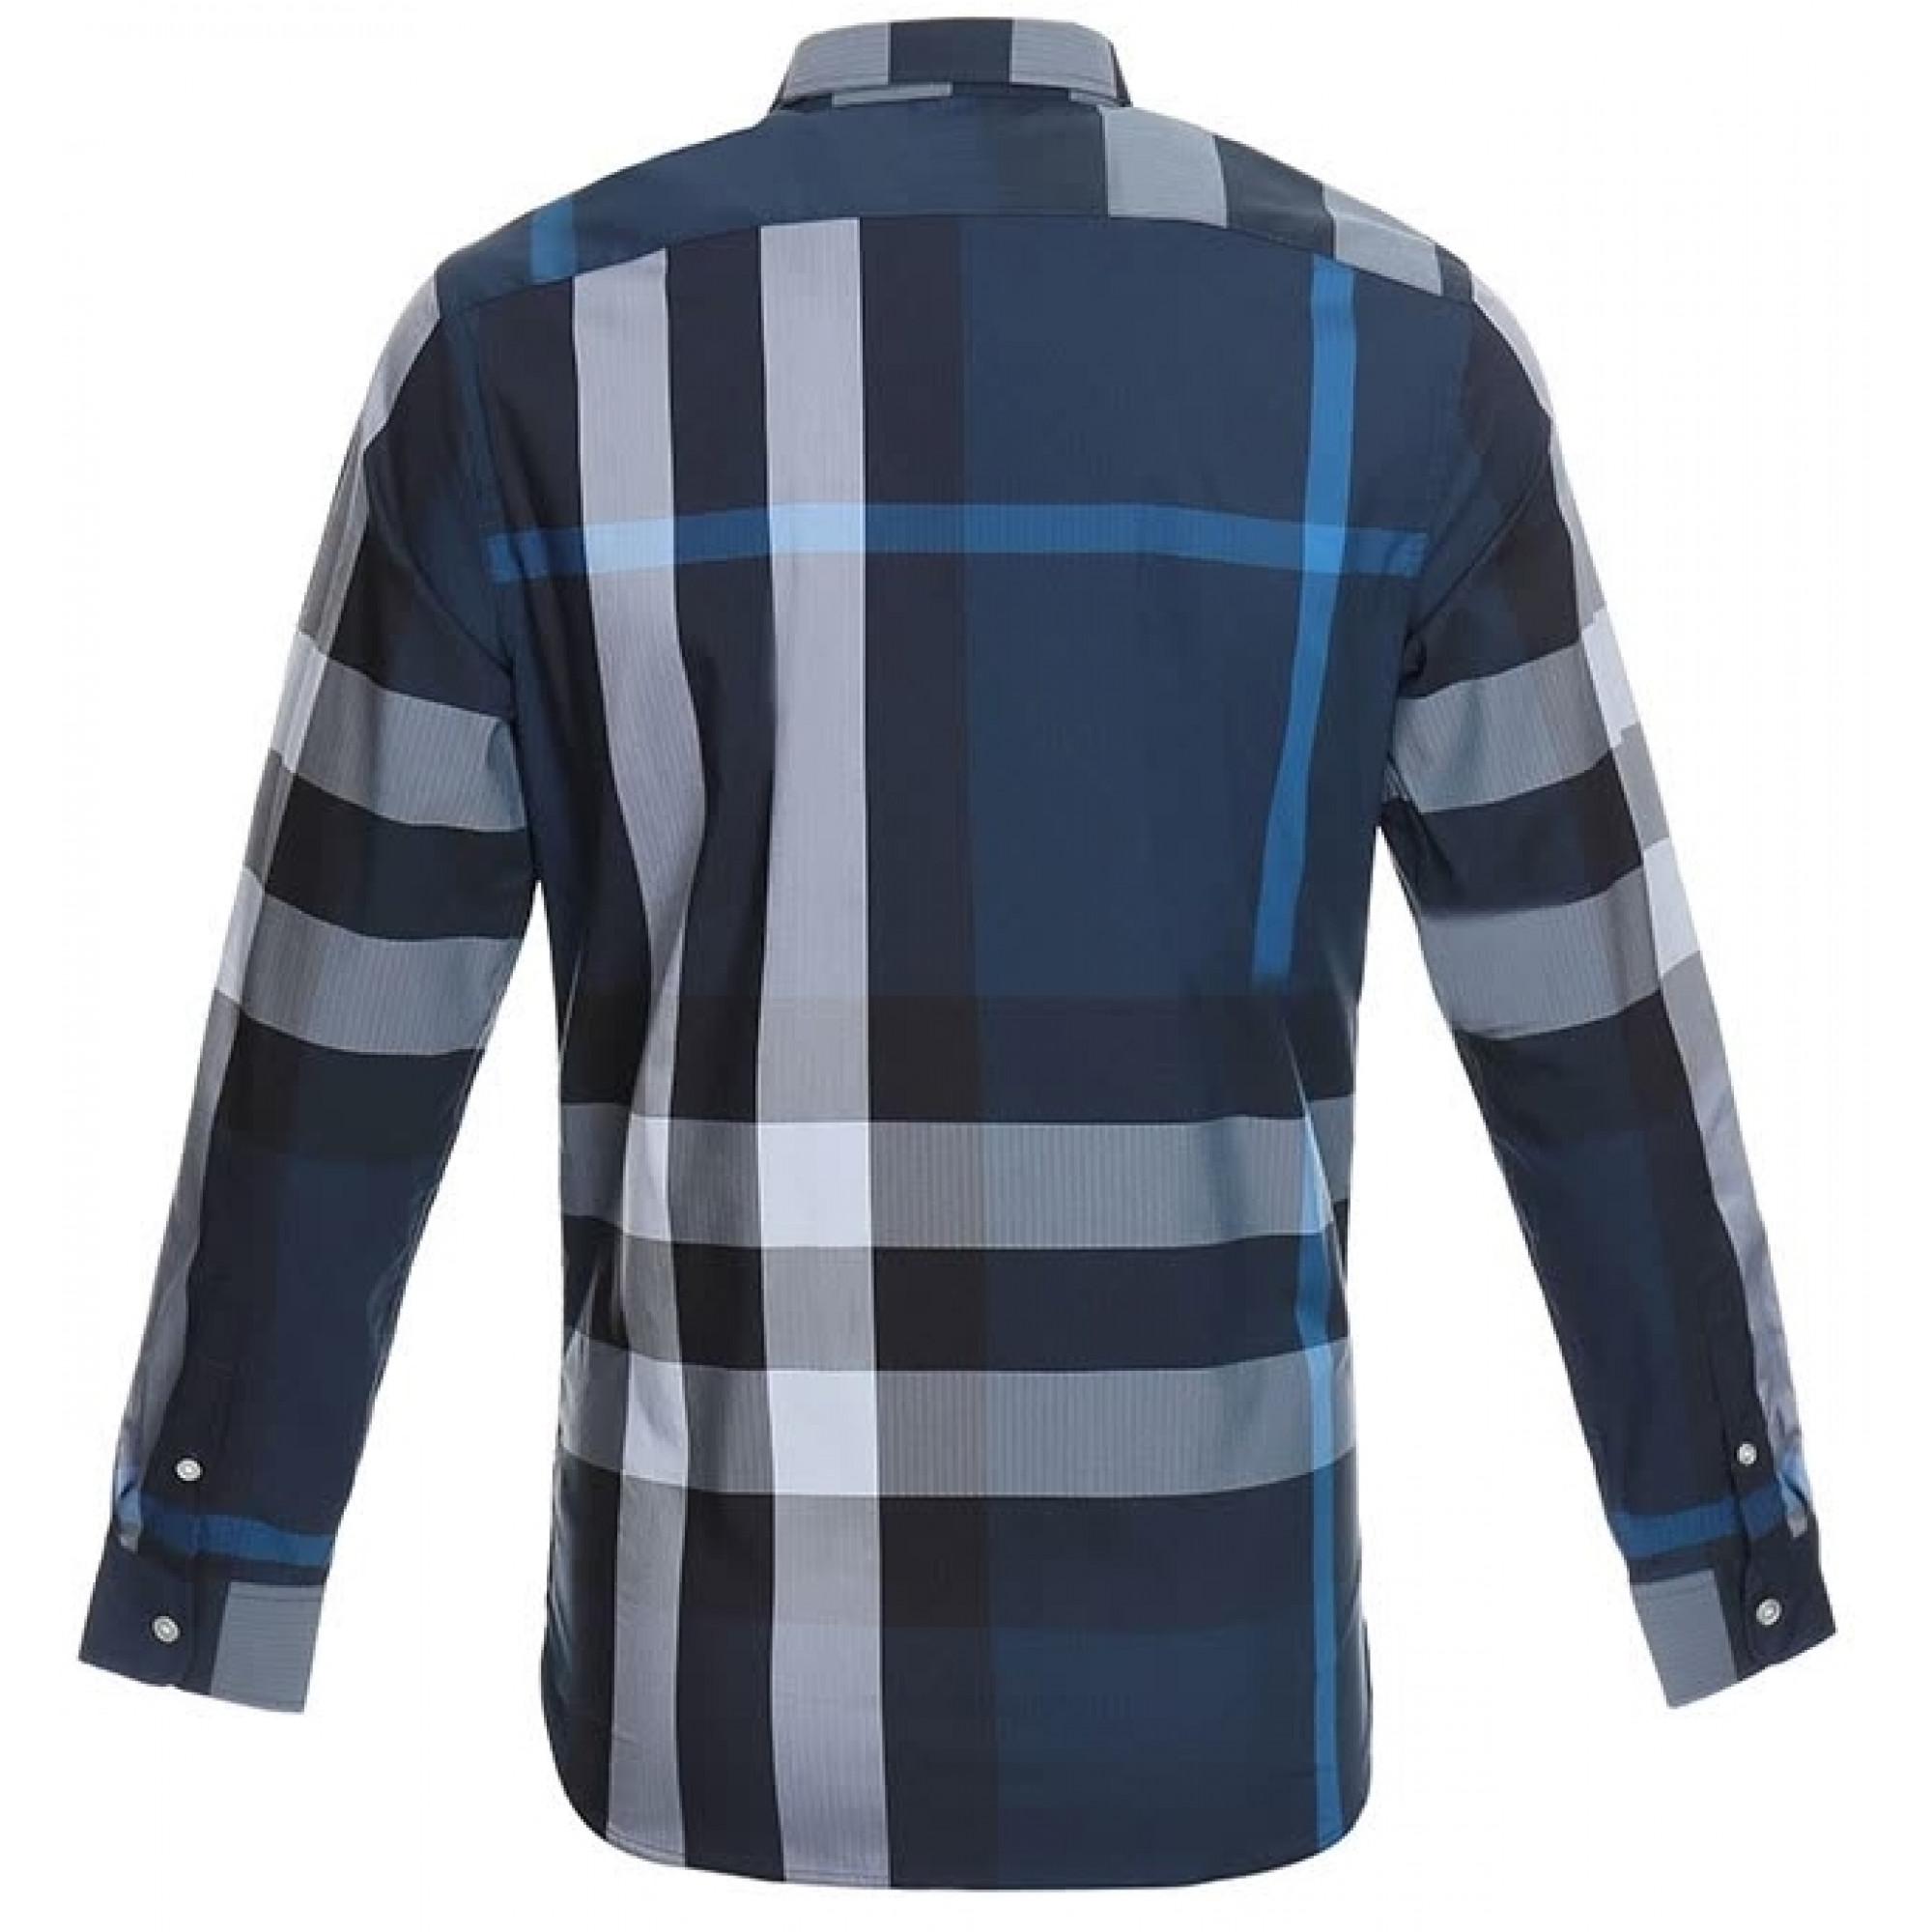 39e85d6897f Мужская рубашка Burberry с карманом  купить мужские рубашки в ...